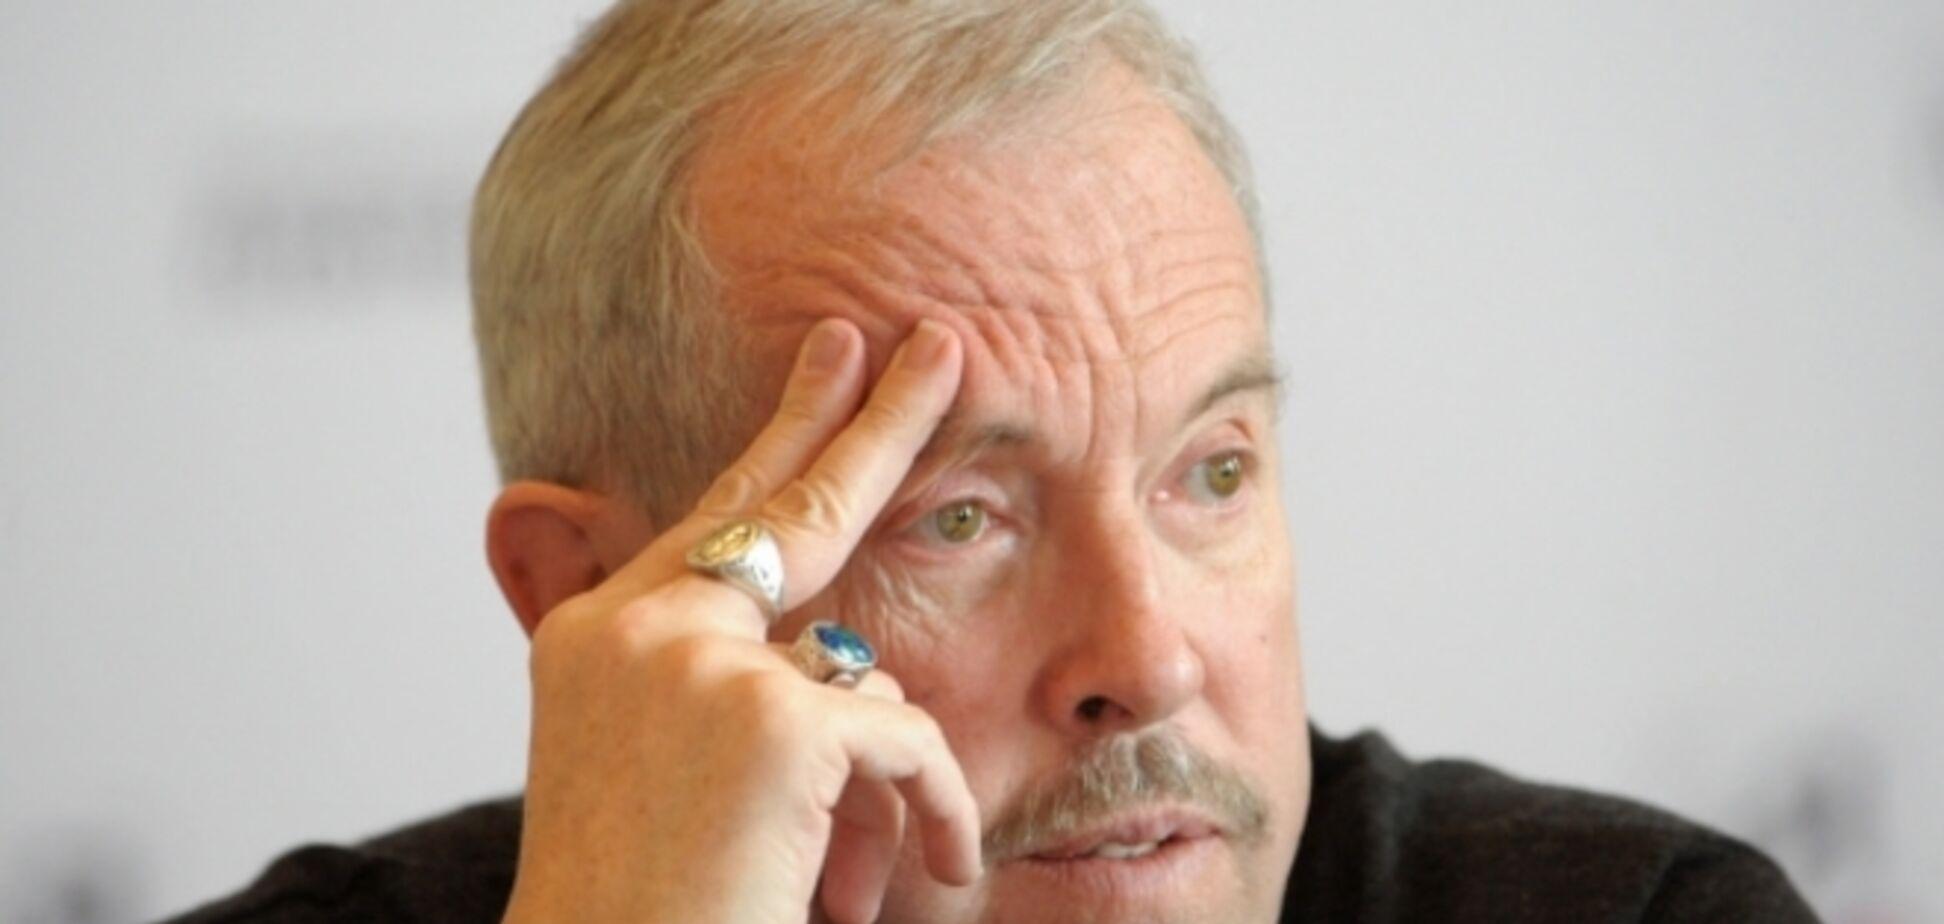 Макаревич высказался о совместном творчестве Охлобыстина и Сукачева: 'Мерзавцы всегда находят общий язык'